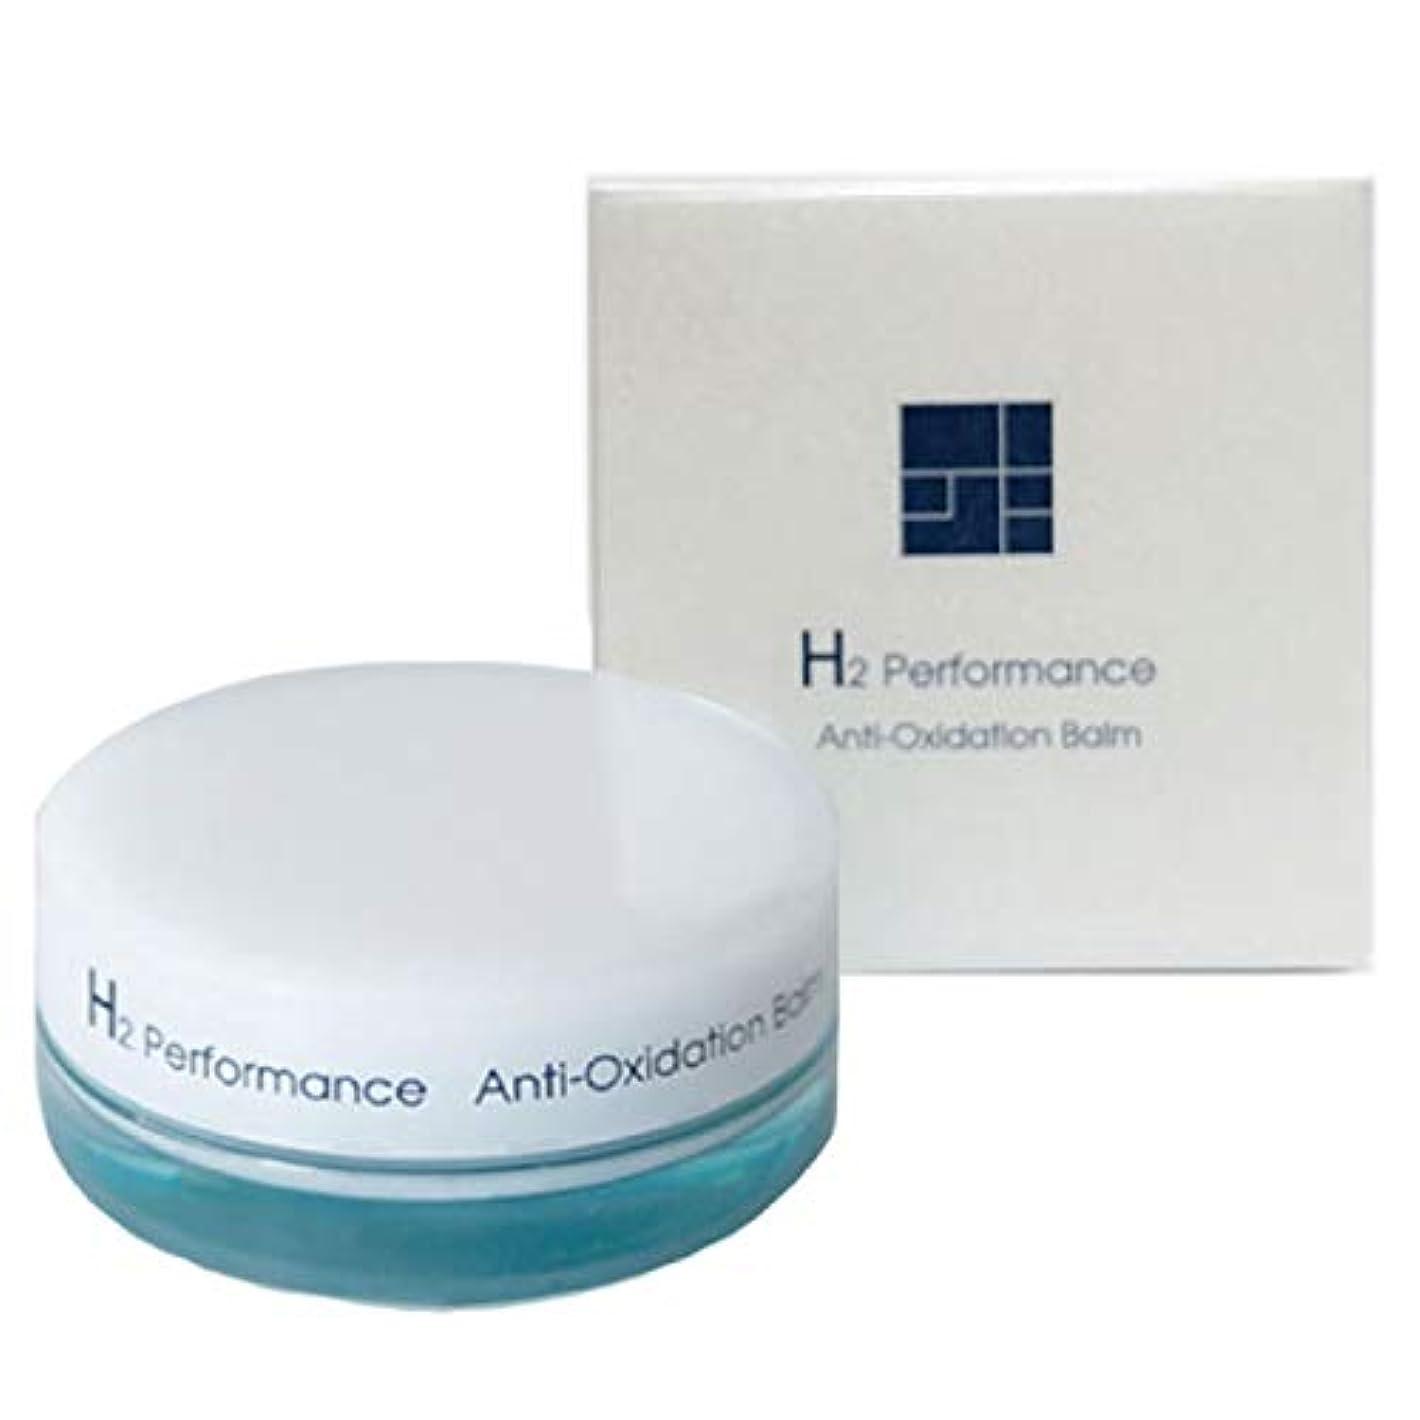 永久に信念散髪H2 Performance エイチツーパフォーマンス アンチオキシデイションバーム